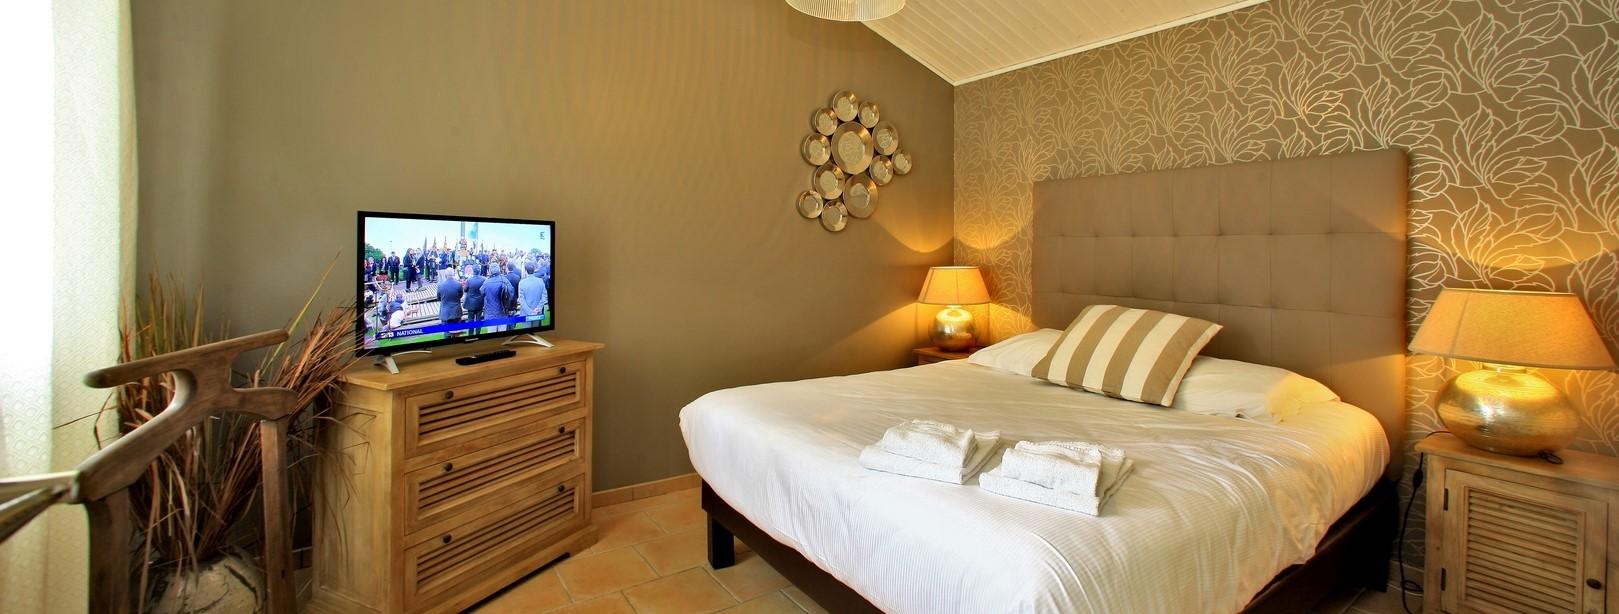 Chambre double avec lit de 160 cm et TV